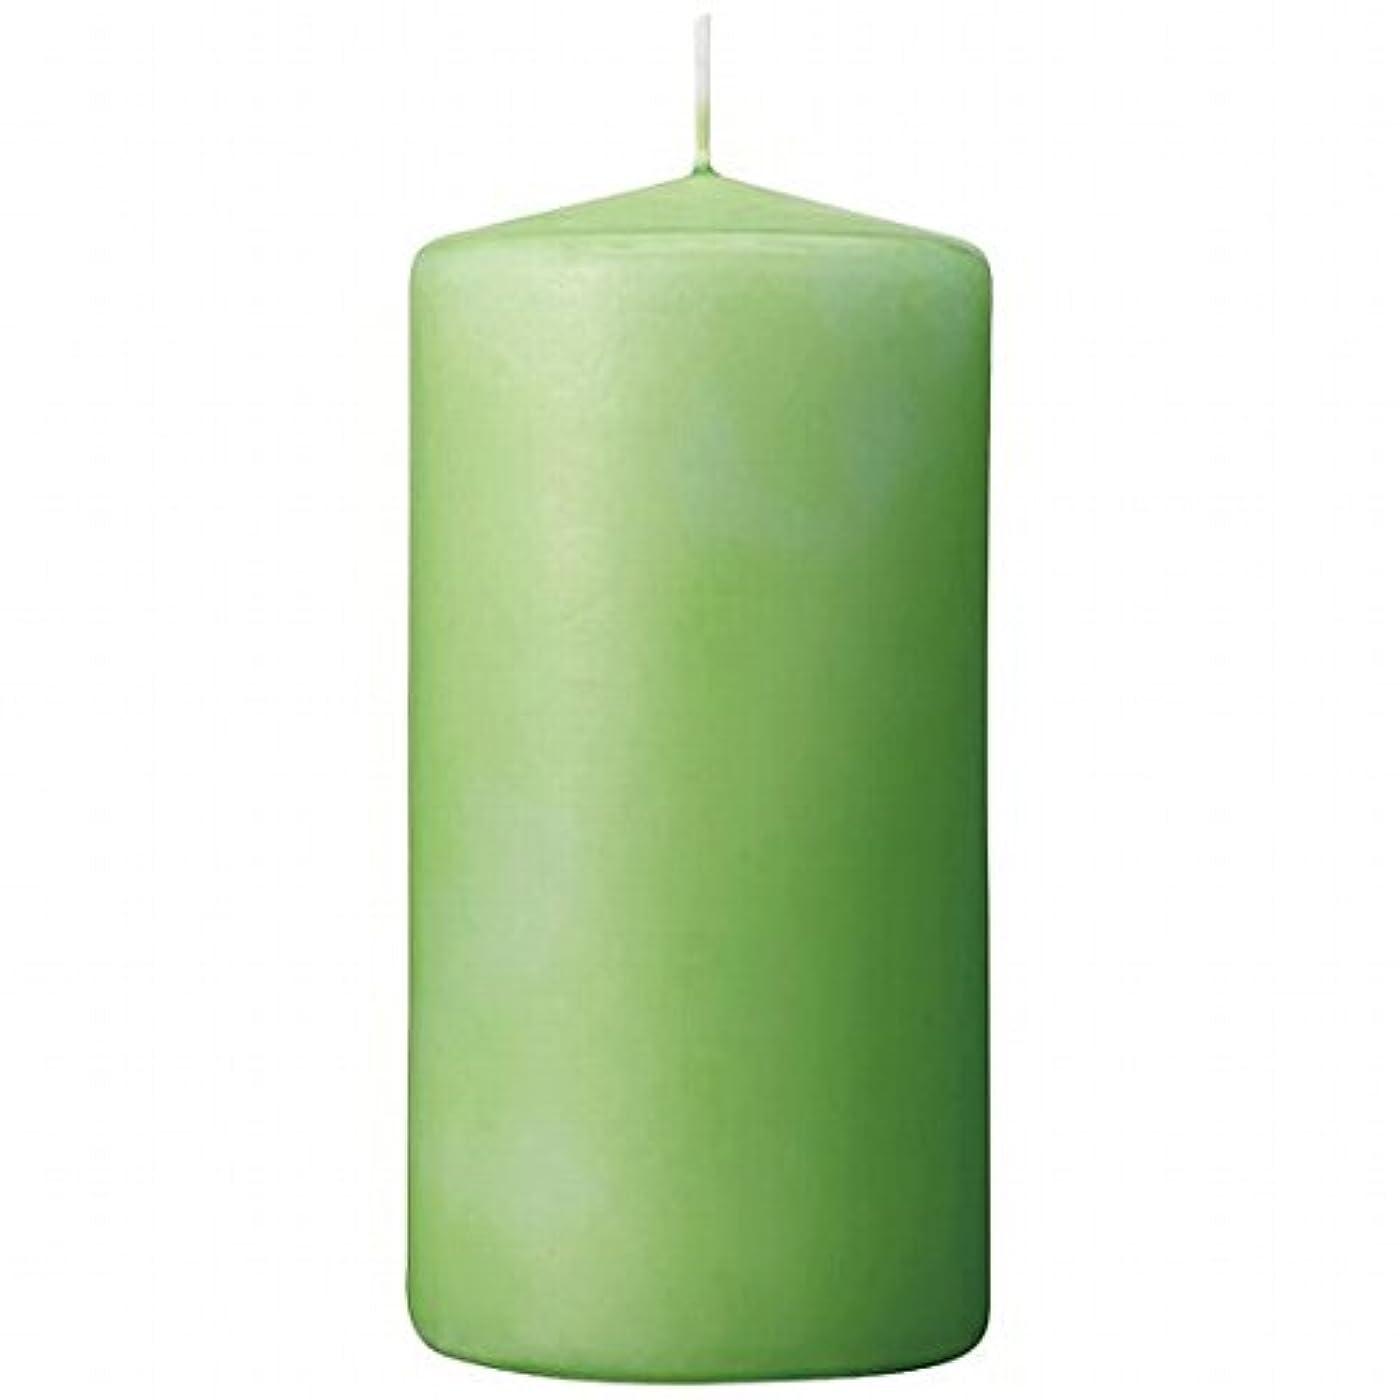 不当ブルーベルリーチカメヤマキャンドル(kameyama candle) 3×6ベルトップピラーキャンドル 「 ライム 」